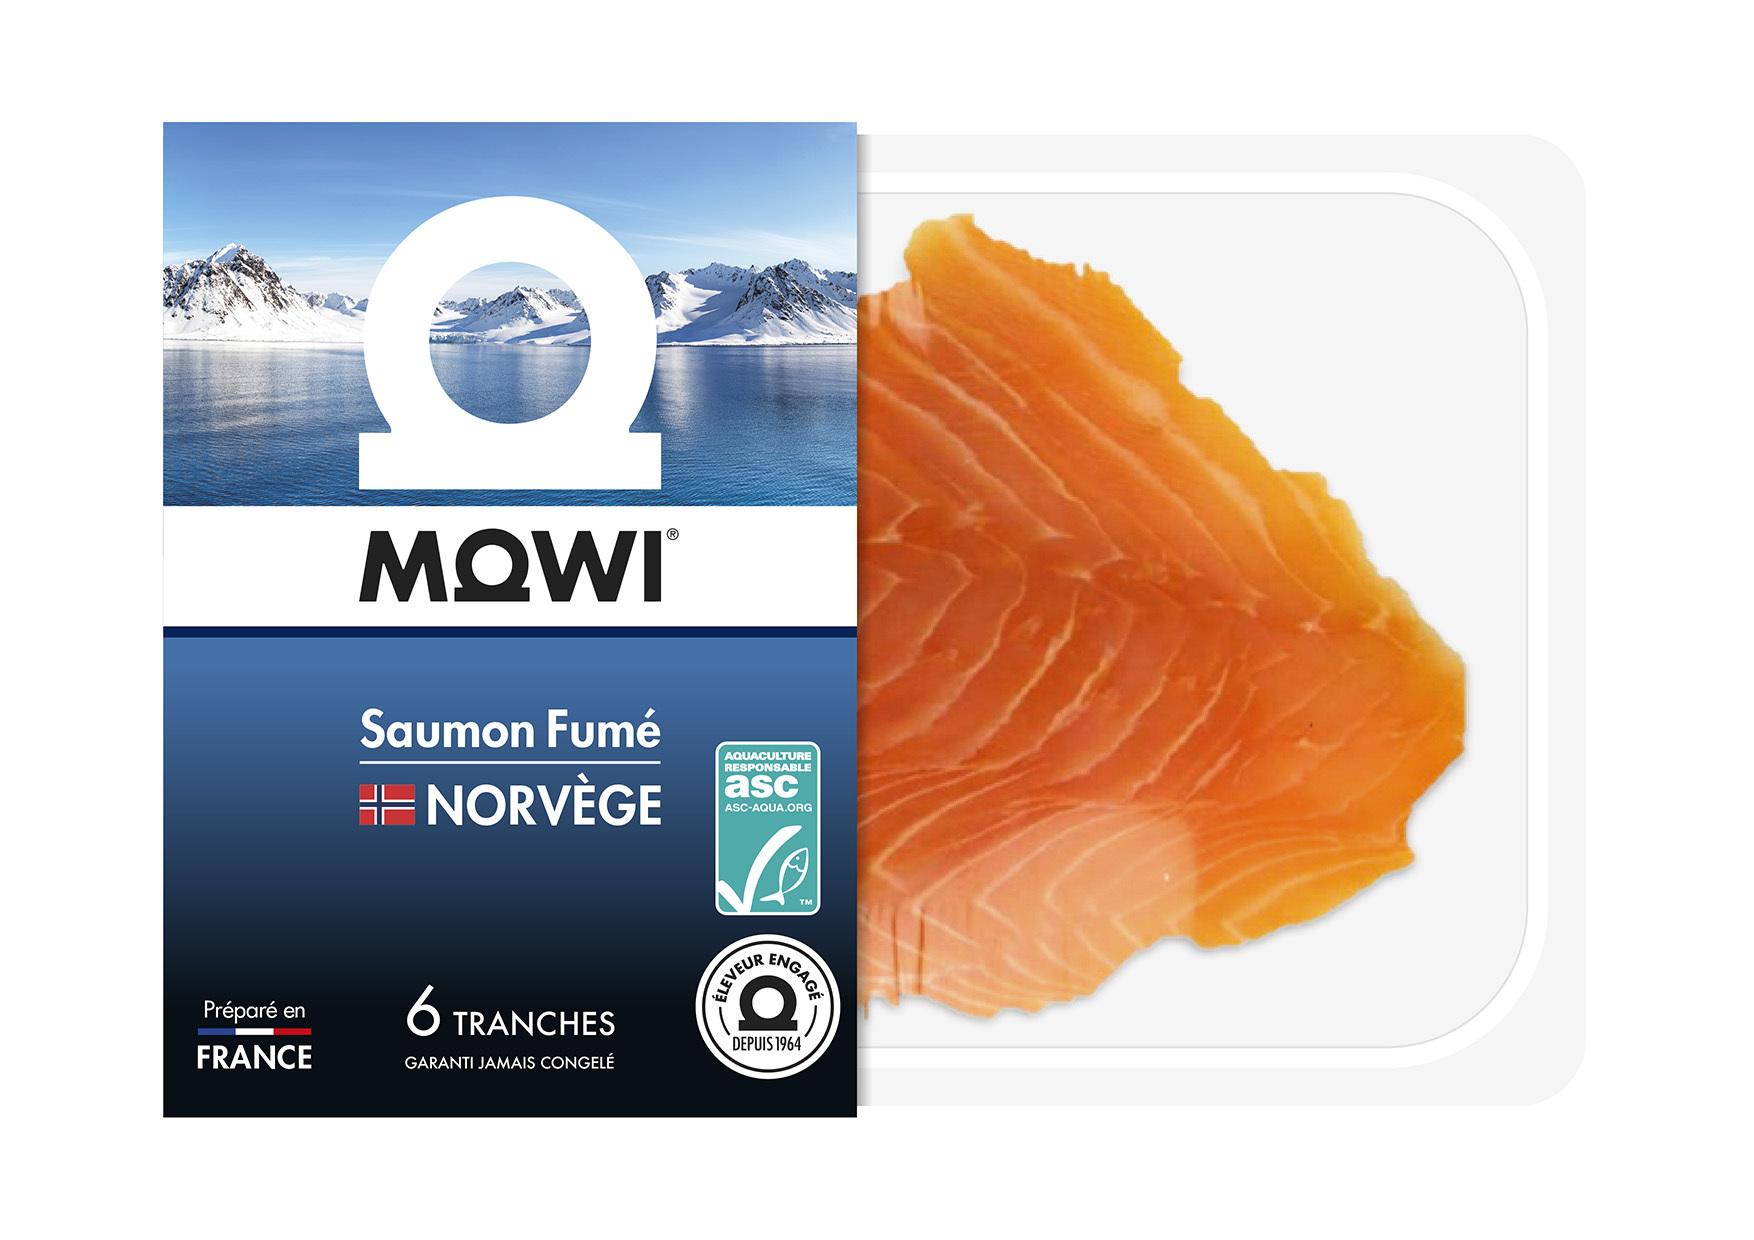 MOWI Fume 6T Norvege - Des nouvelles références Mowi s'invitent à table !